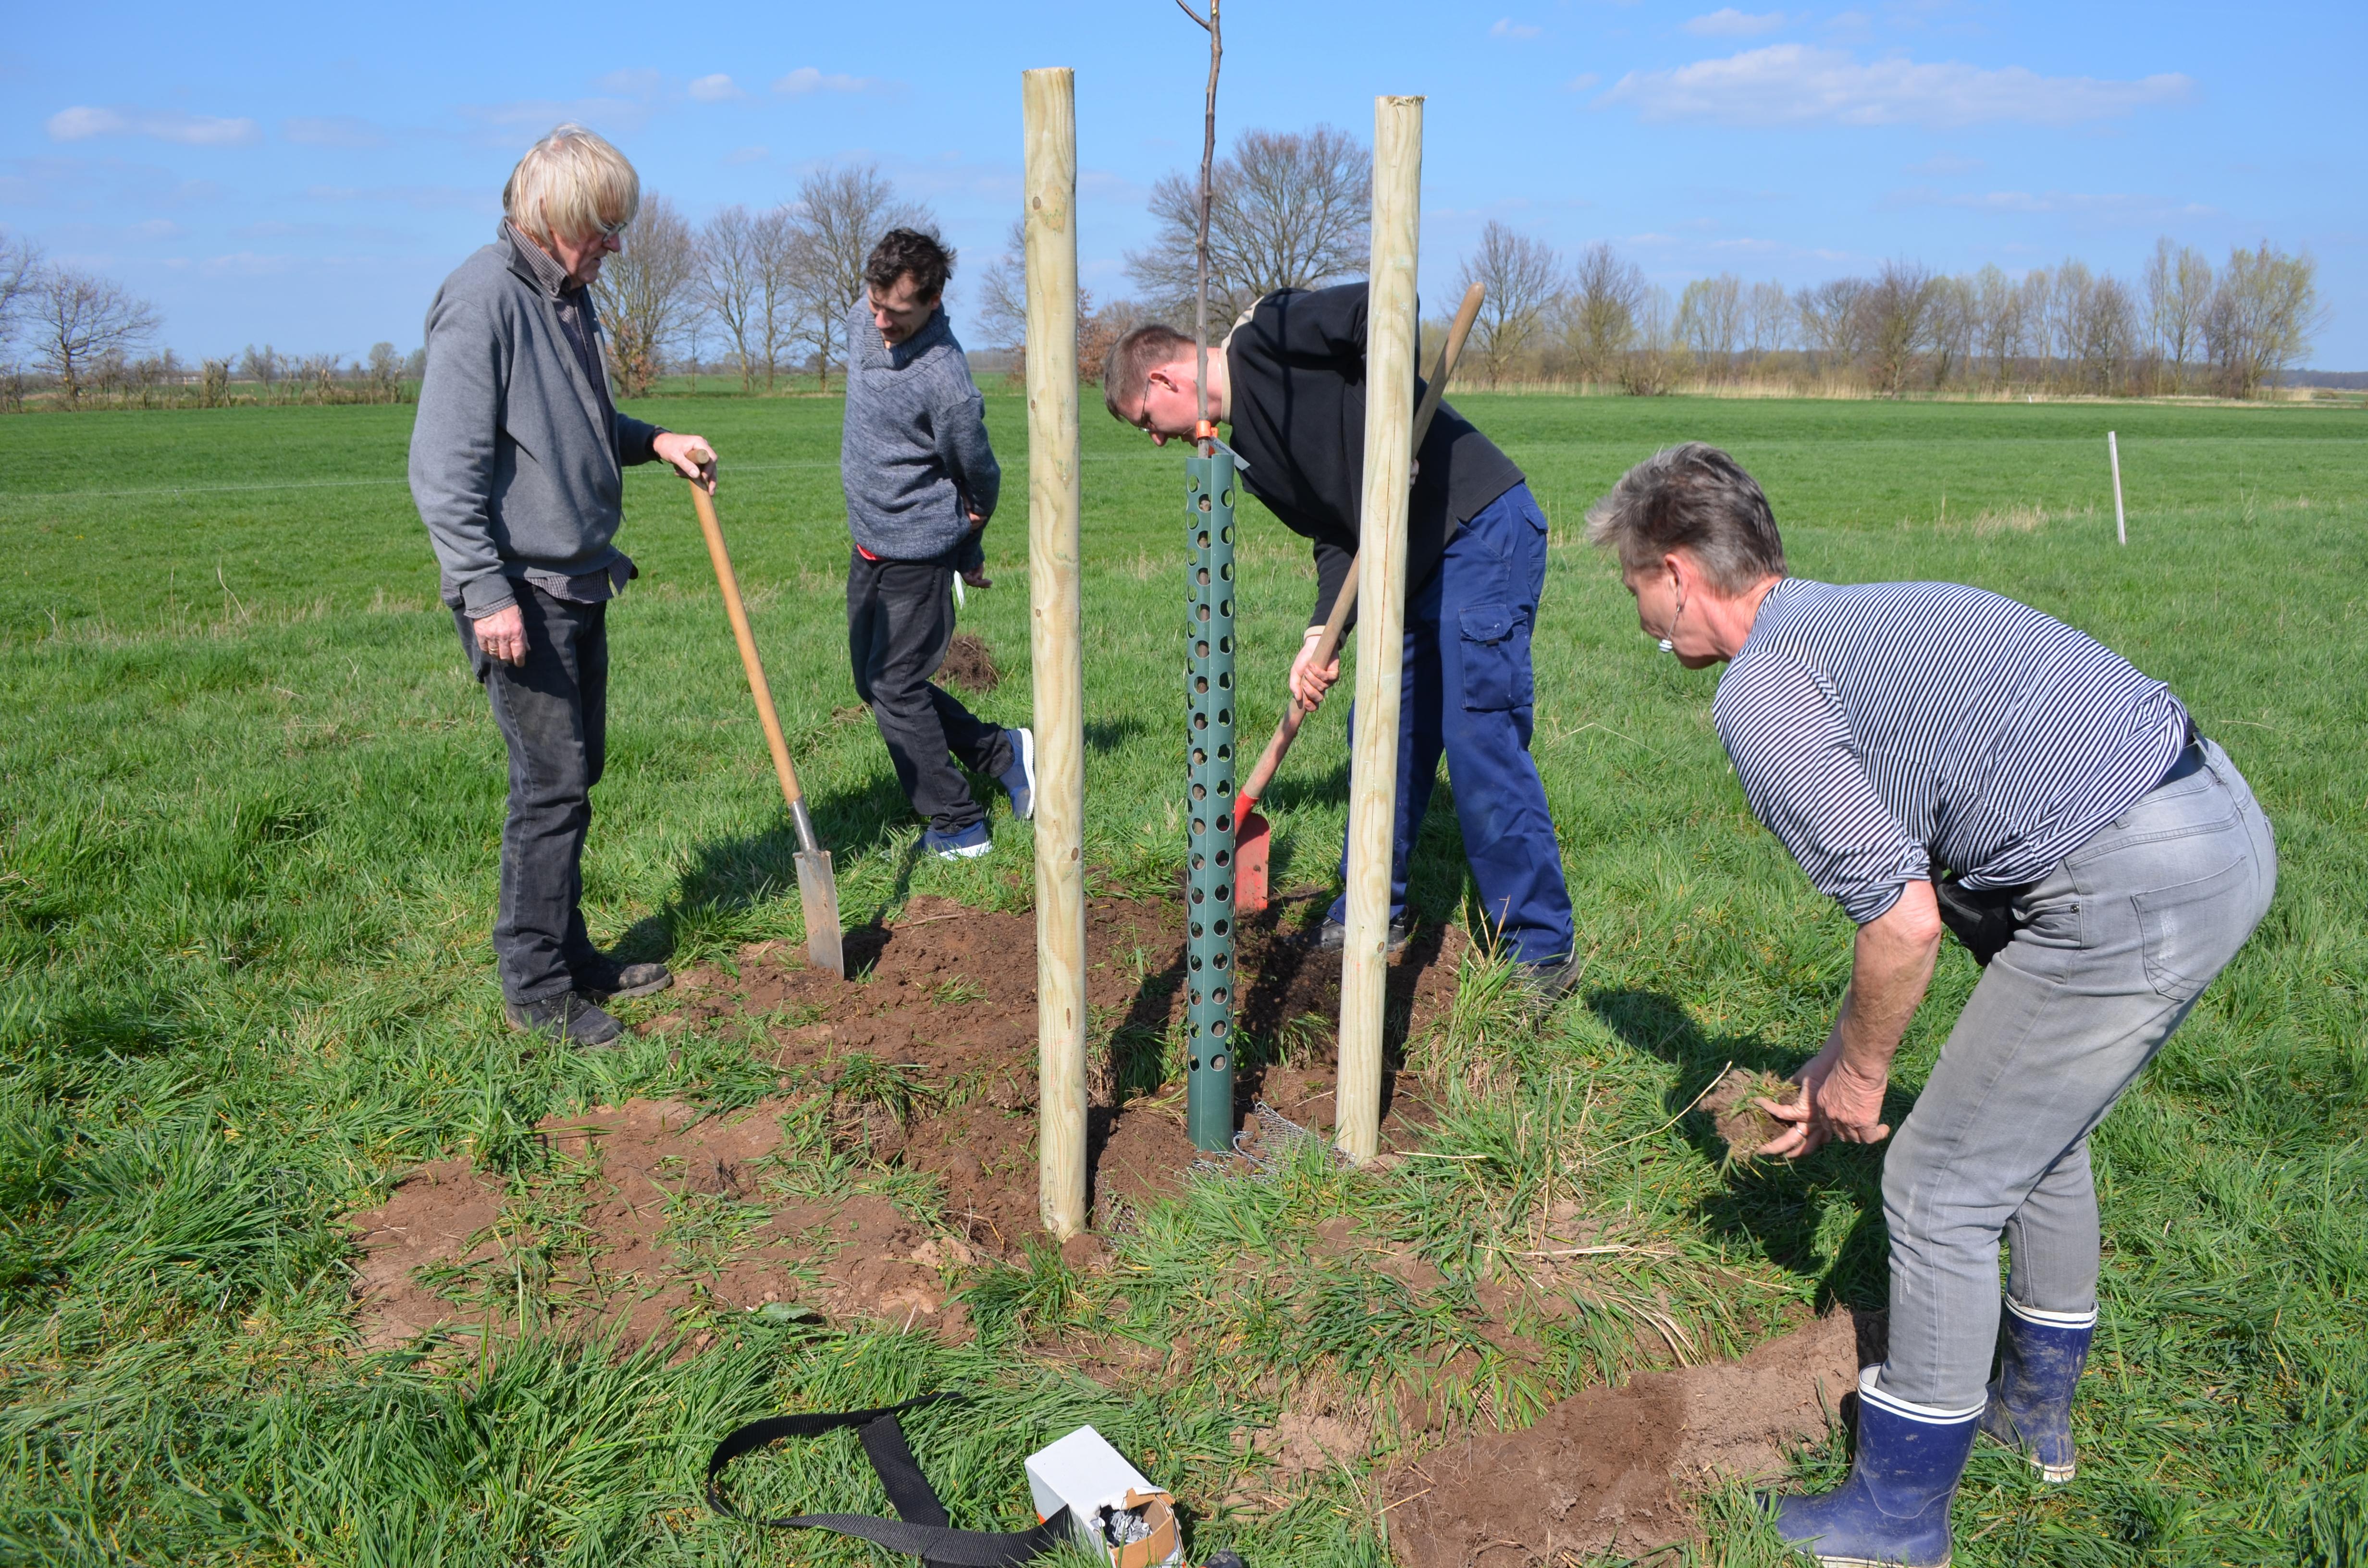 Vier Personen schaufeln Erde um einen jungen Baum